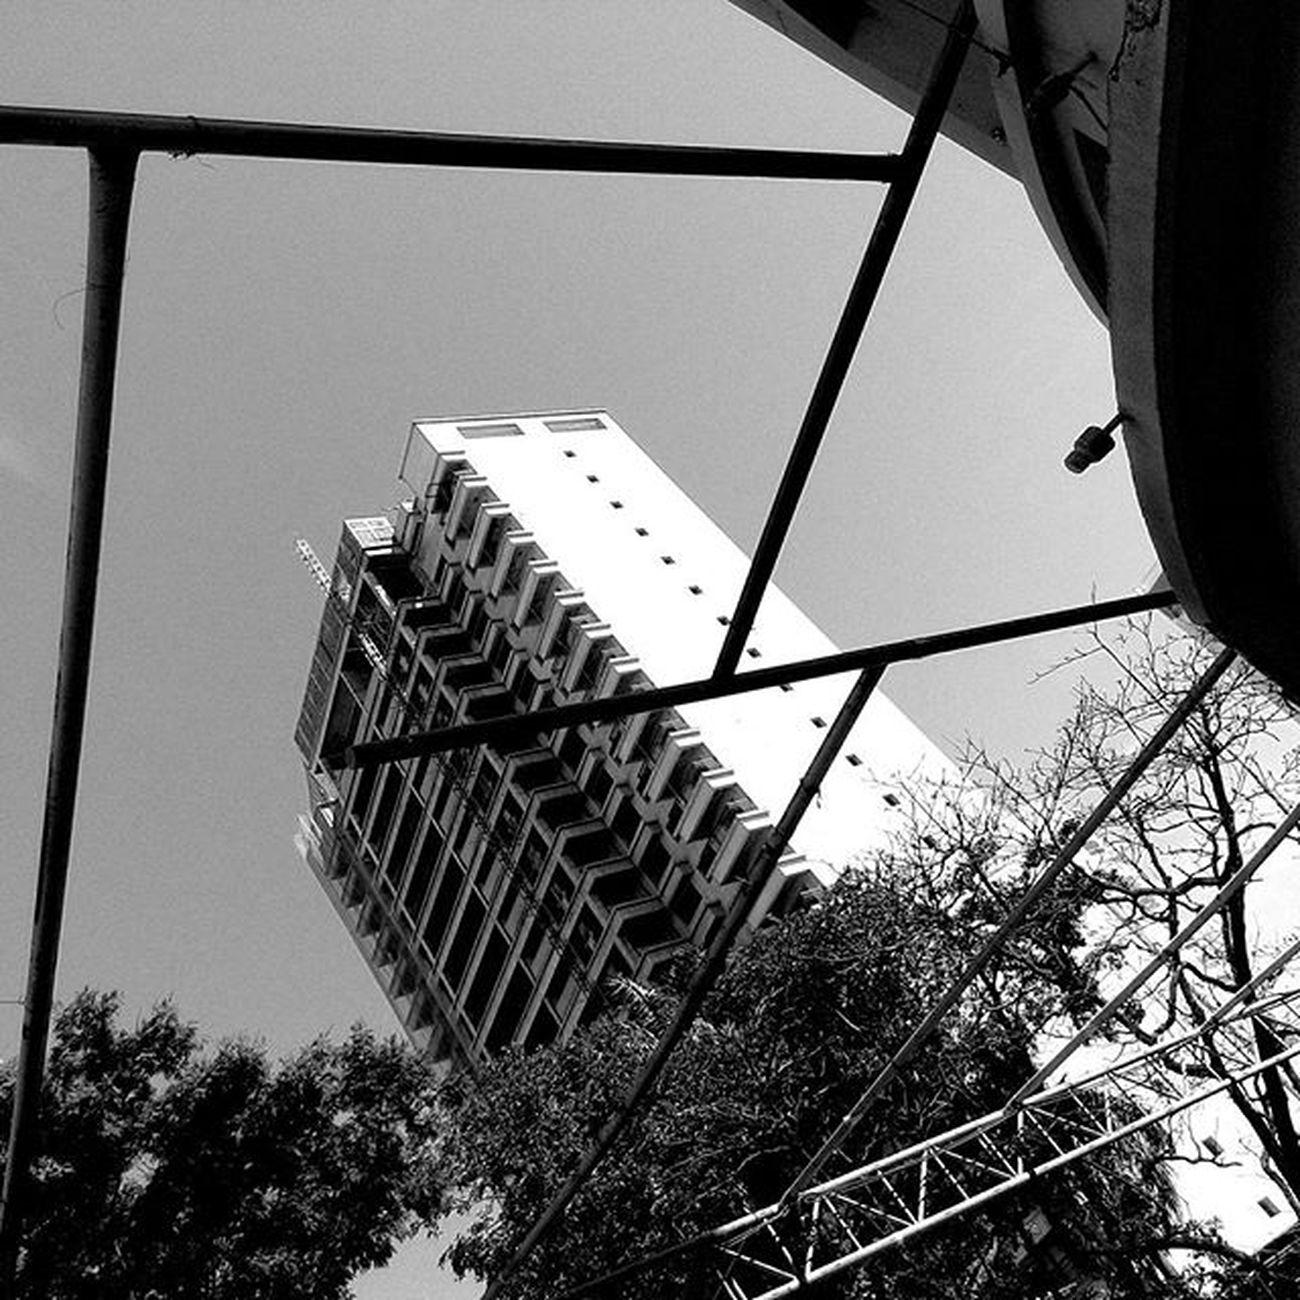 Concrete&metal Blackandwhite Pretoebranco Fotografia Construção